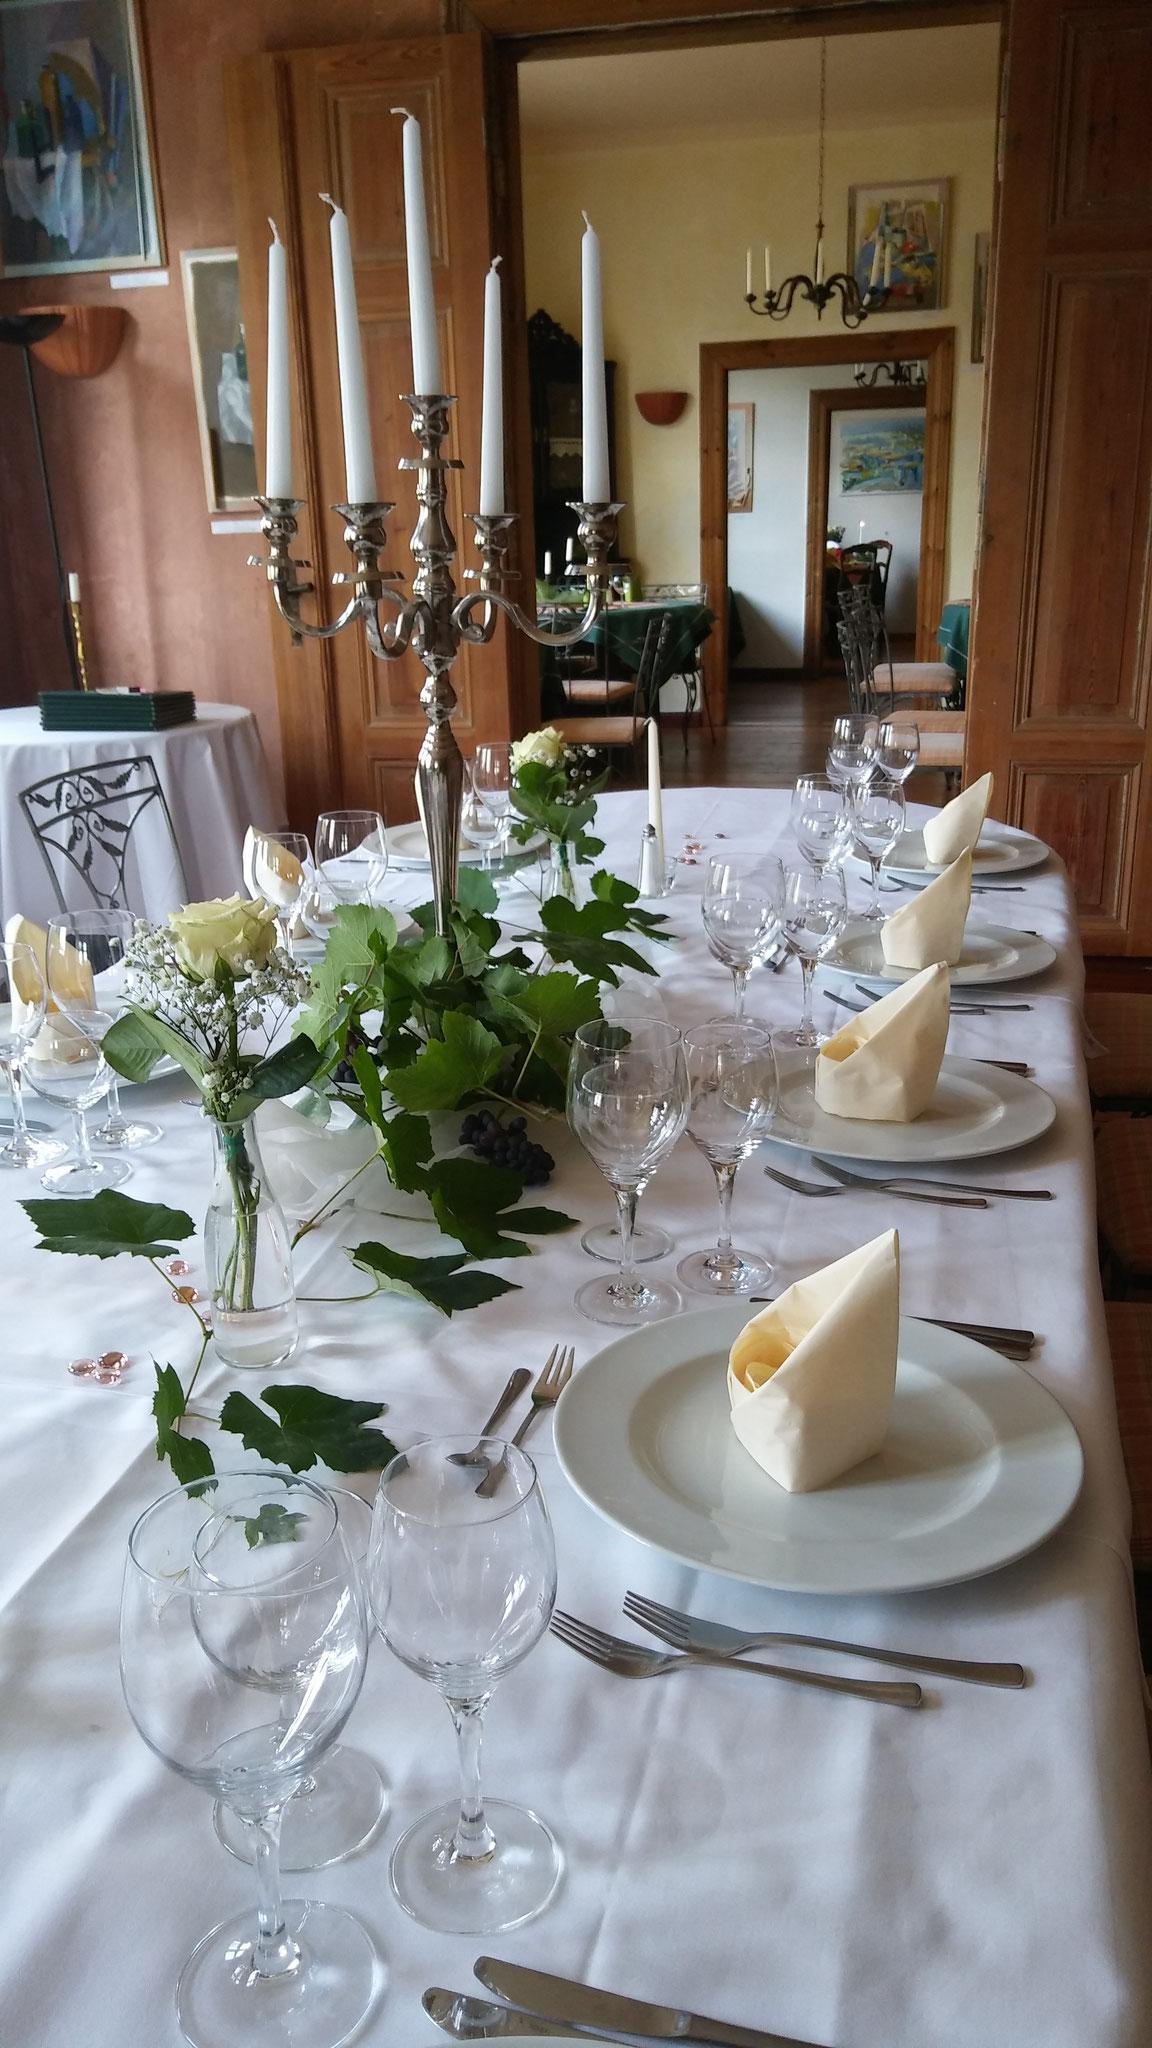 Familienfeiern in den Friedrichstuben des Hotel Alte Försterei Kloster Zinna